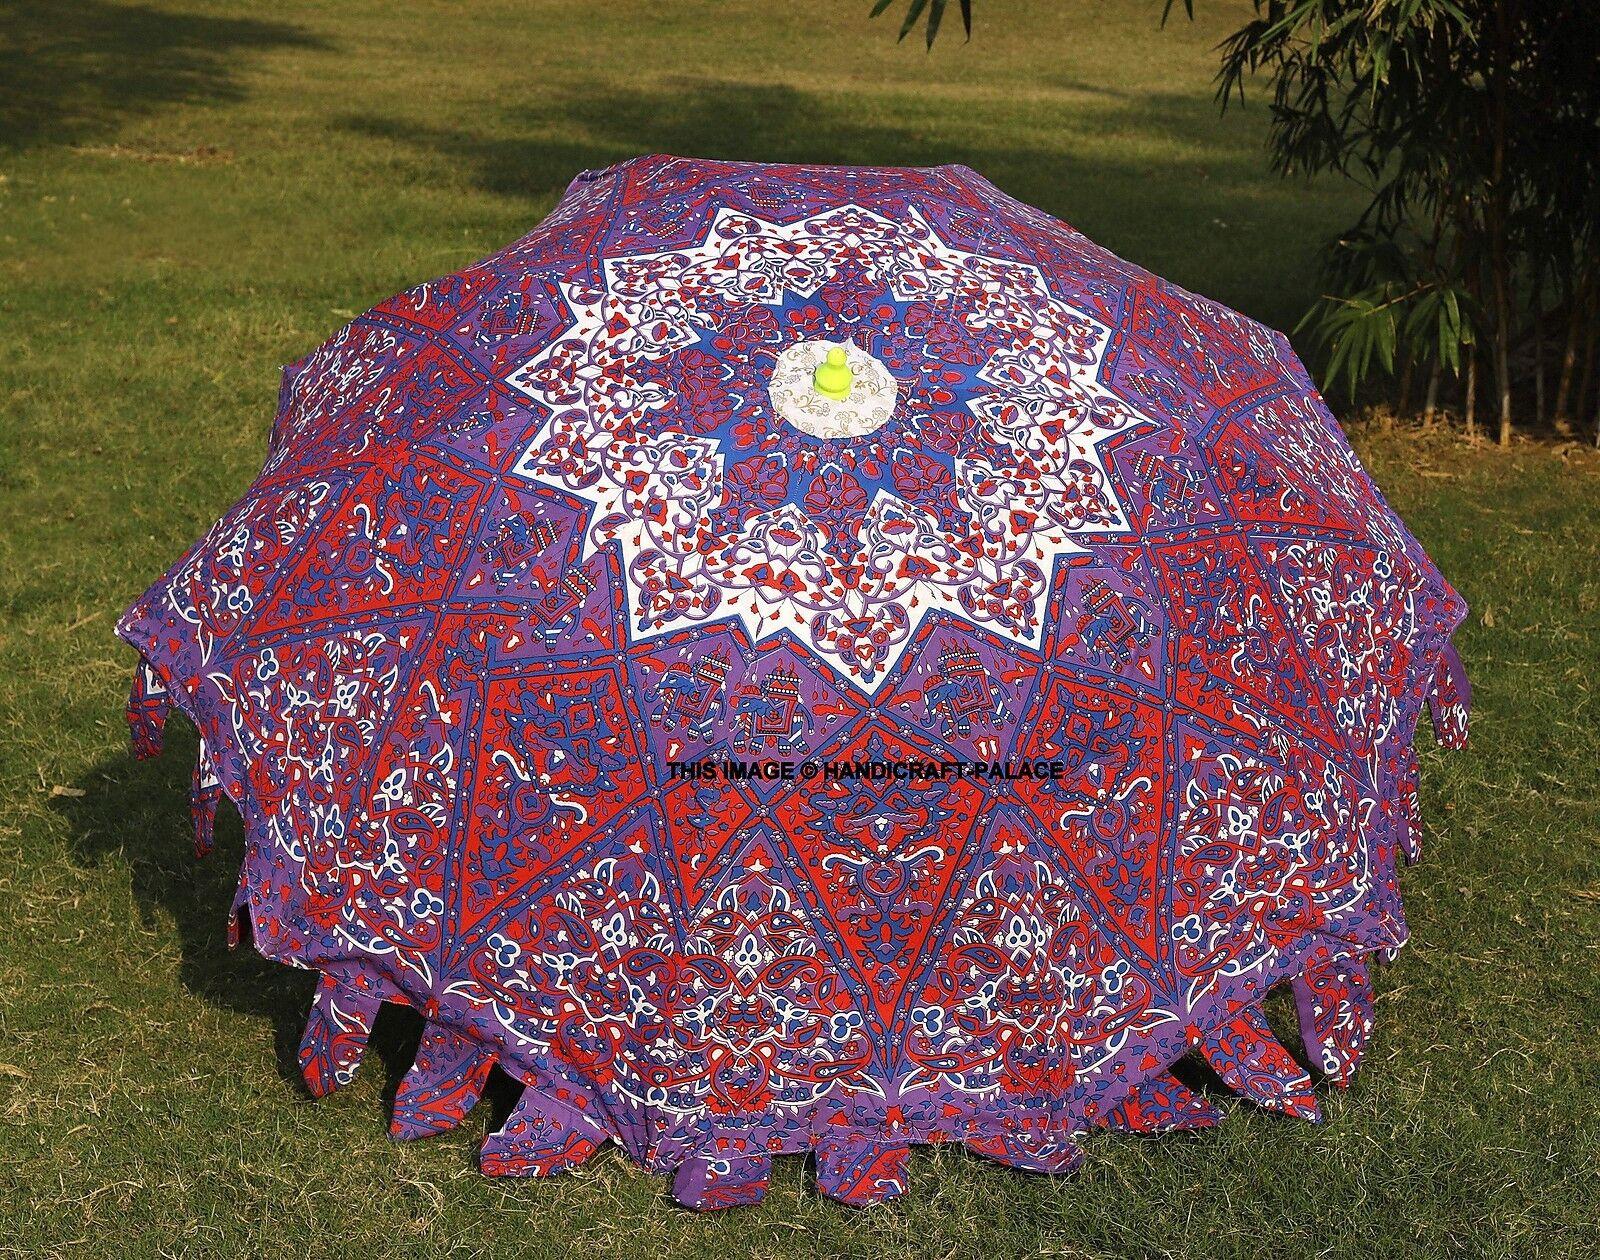 Indian Garden Parasol Star Mandala Outdoor Sun Shade Cotton Patio Party Umbrella